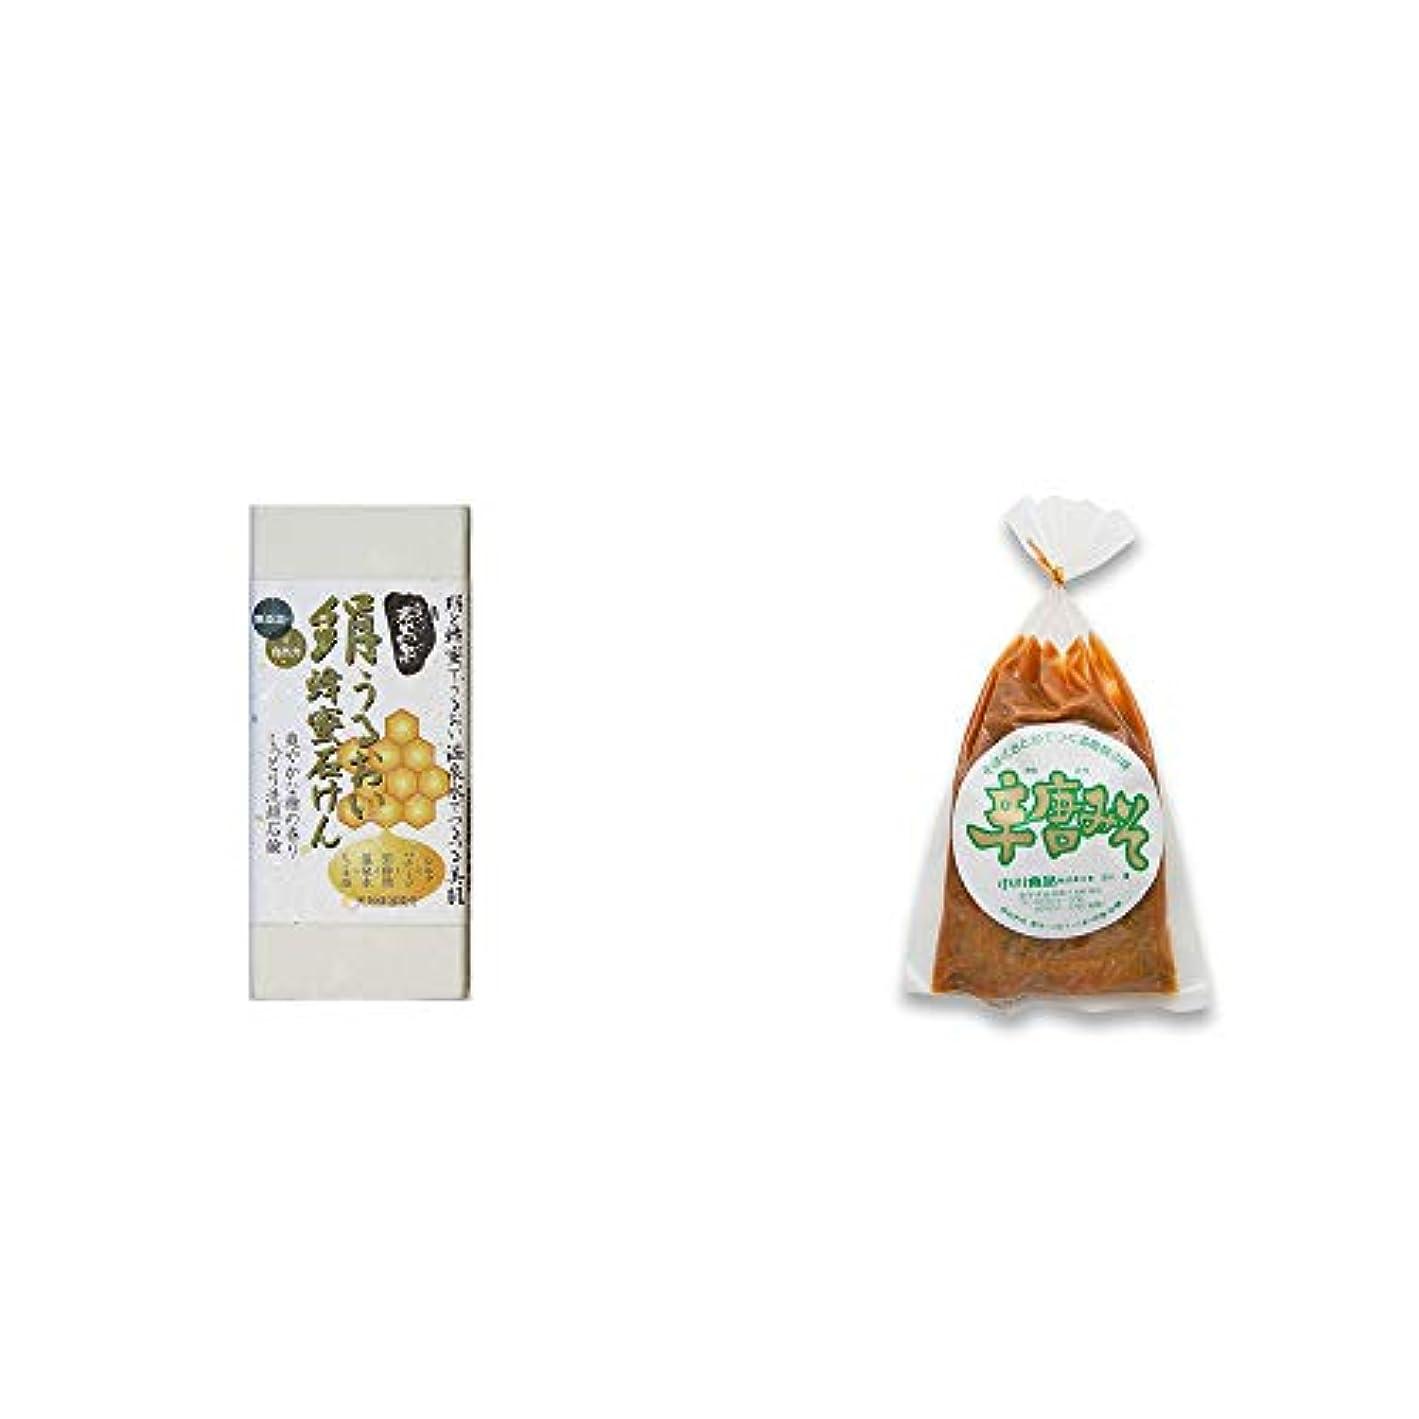 愛不一致エンティティ[2点セット] ひのき炭黒泉 絹うるおい蜂蜜石けん(75g×2)?辛唐みそ(130g)